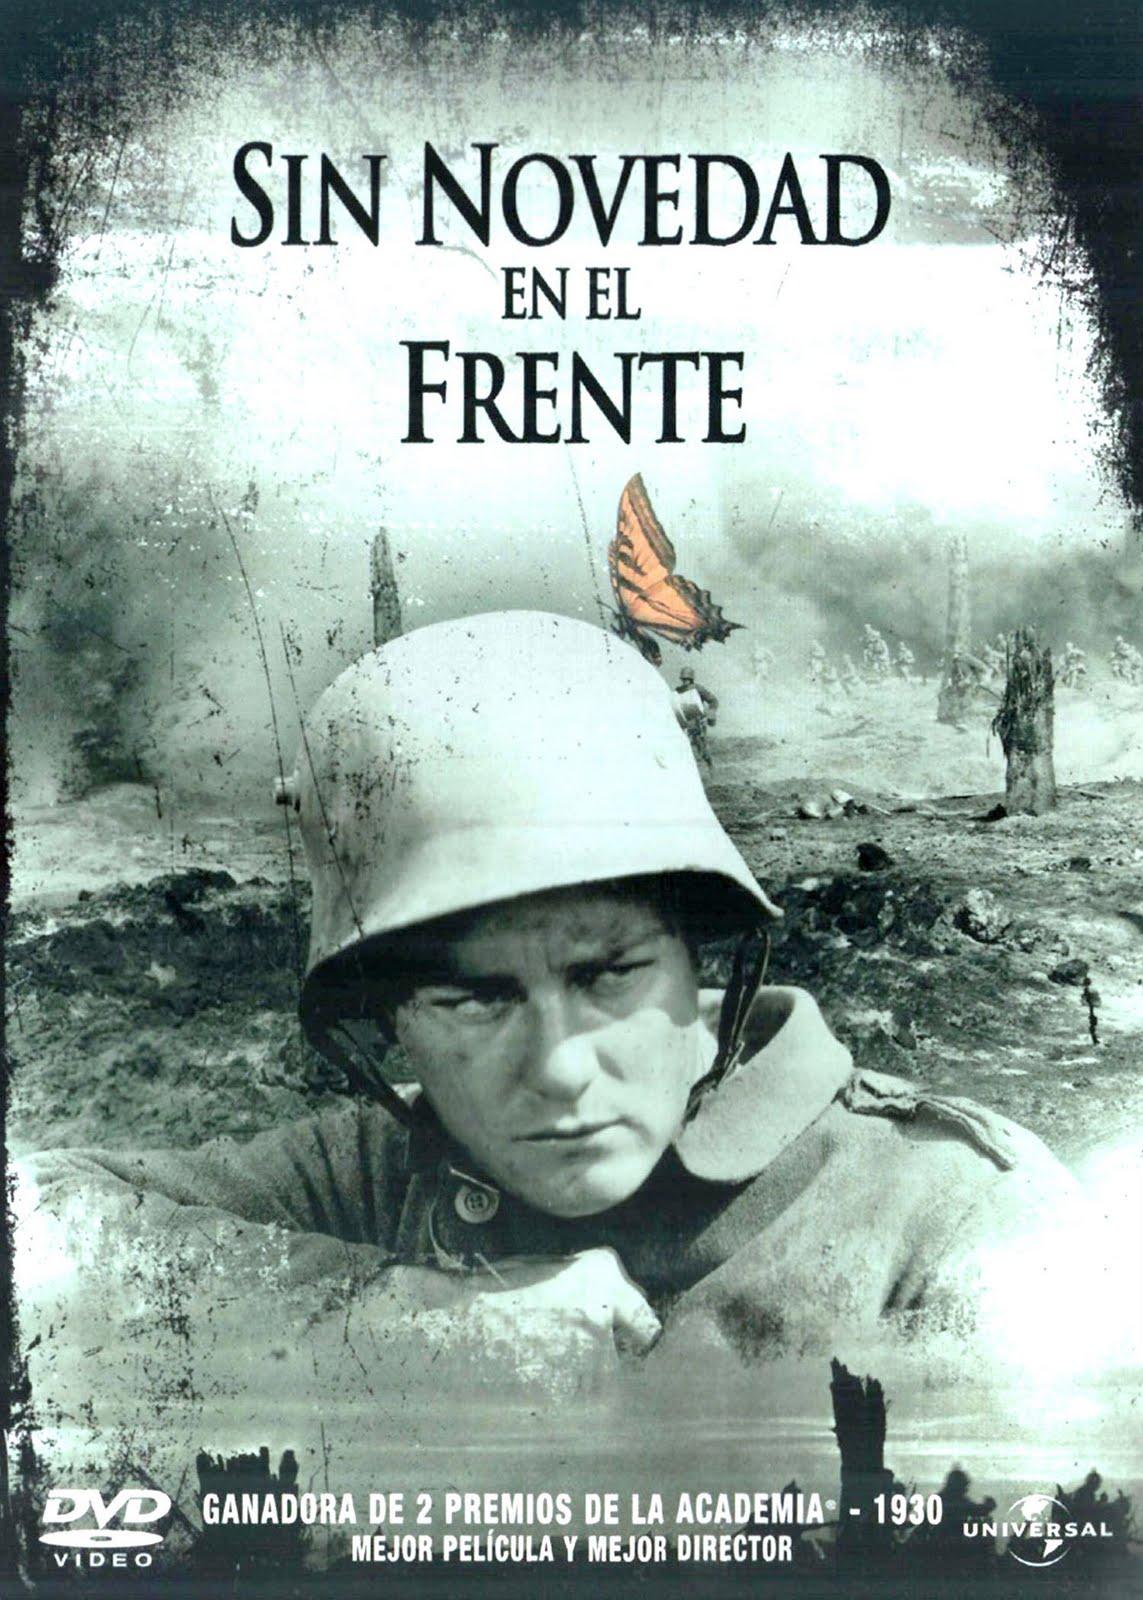 http://4.bp.blogspot.com/-2Juuhri-4Cc/Tgsm_Hd9YqI/AAAAAAAAFF8/qZtAo3ExpLY/s1600/Sin+Novedad+En+El+Frente+1930.jpg